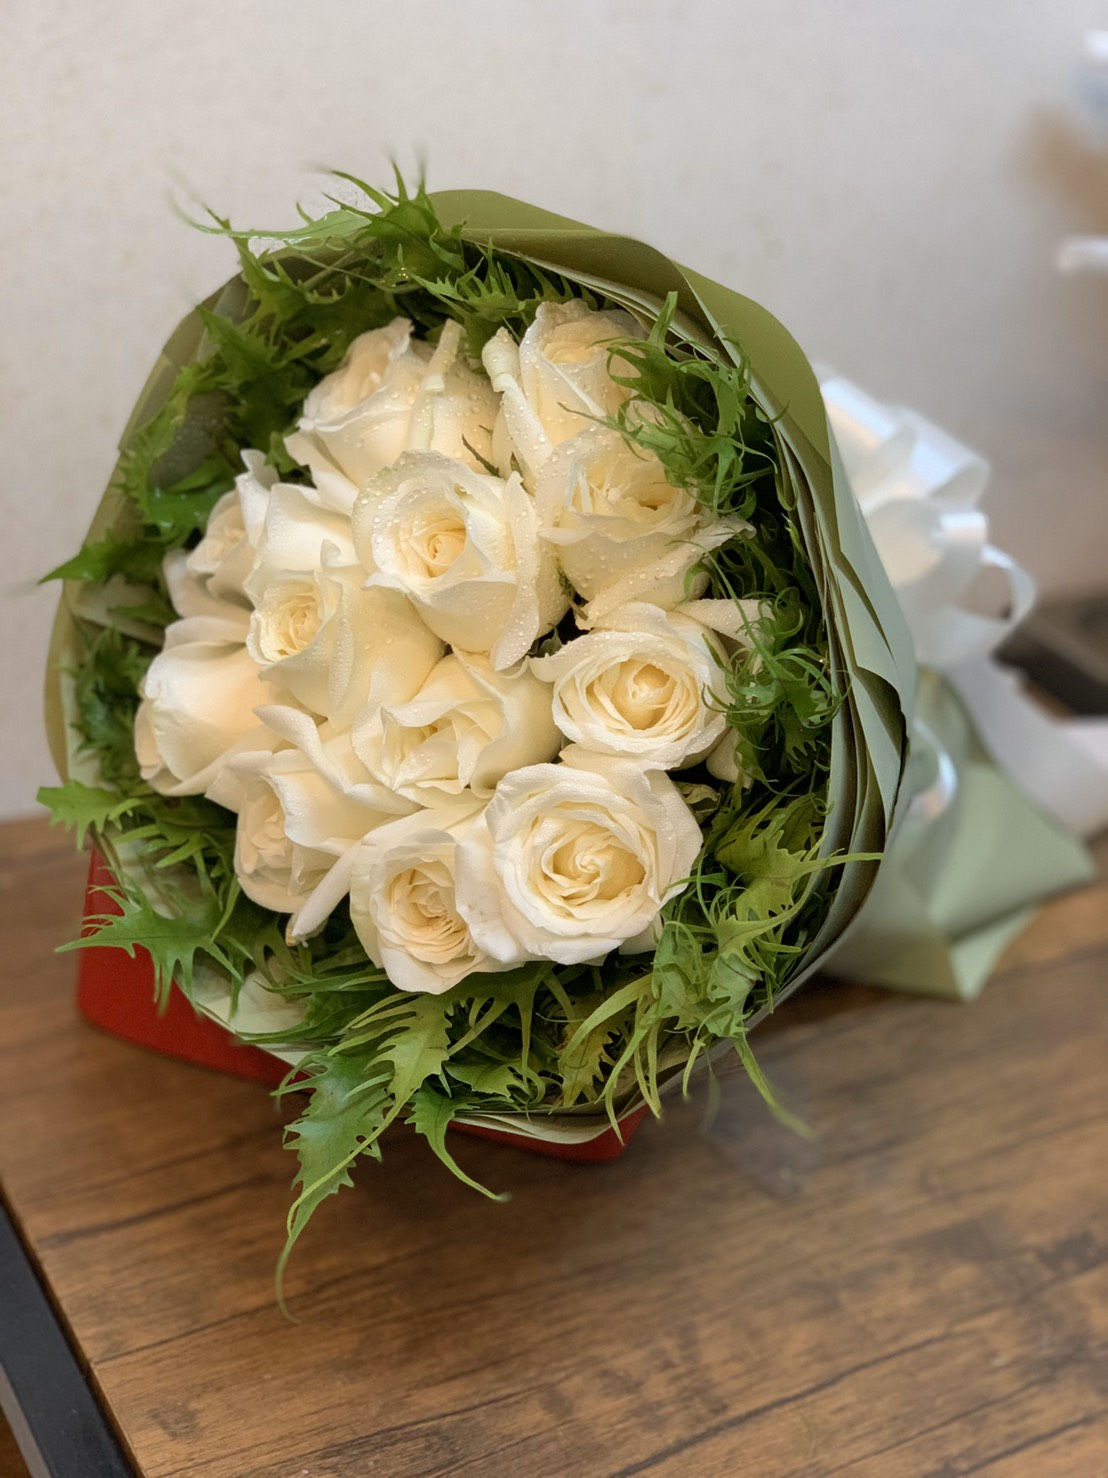 นี่คืออีกหนึ่งช่อดอกกุหลาบขาวบริสุทธิ์ที่จัดองค์ประกอบมาอย่างบรรจง